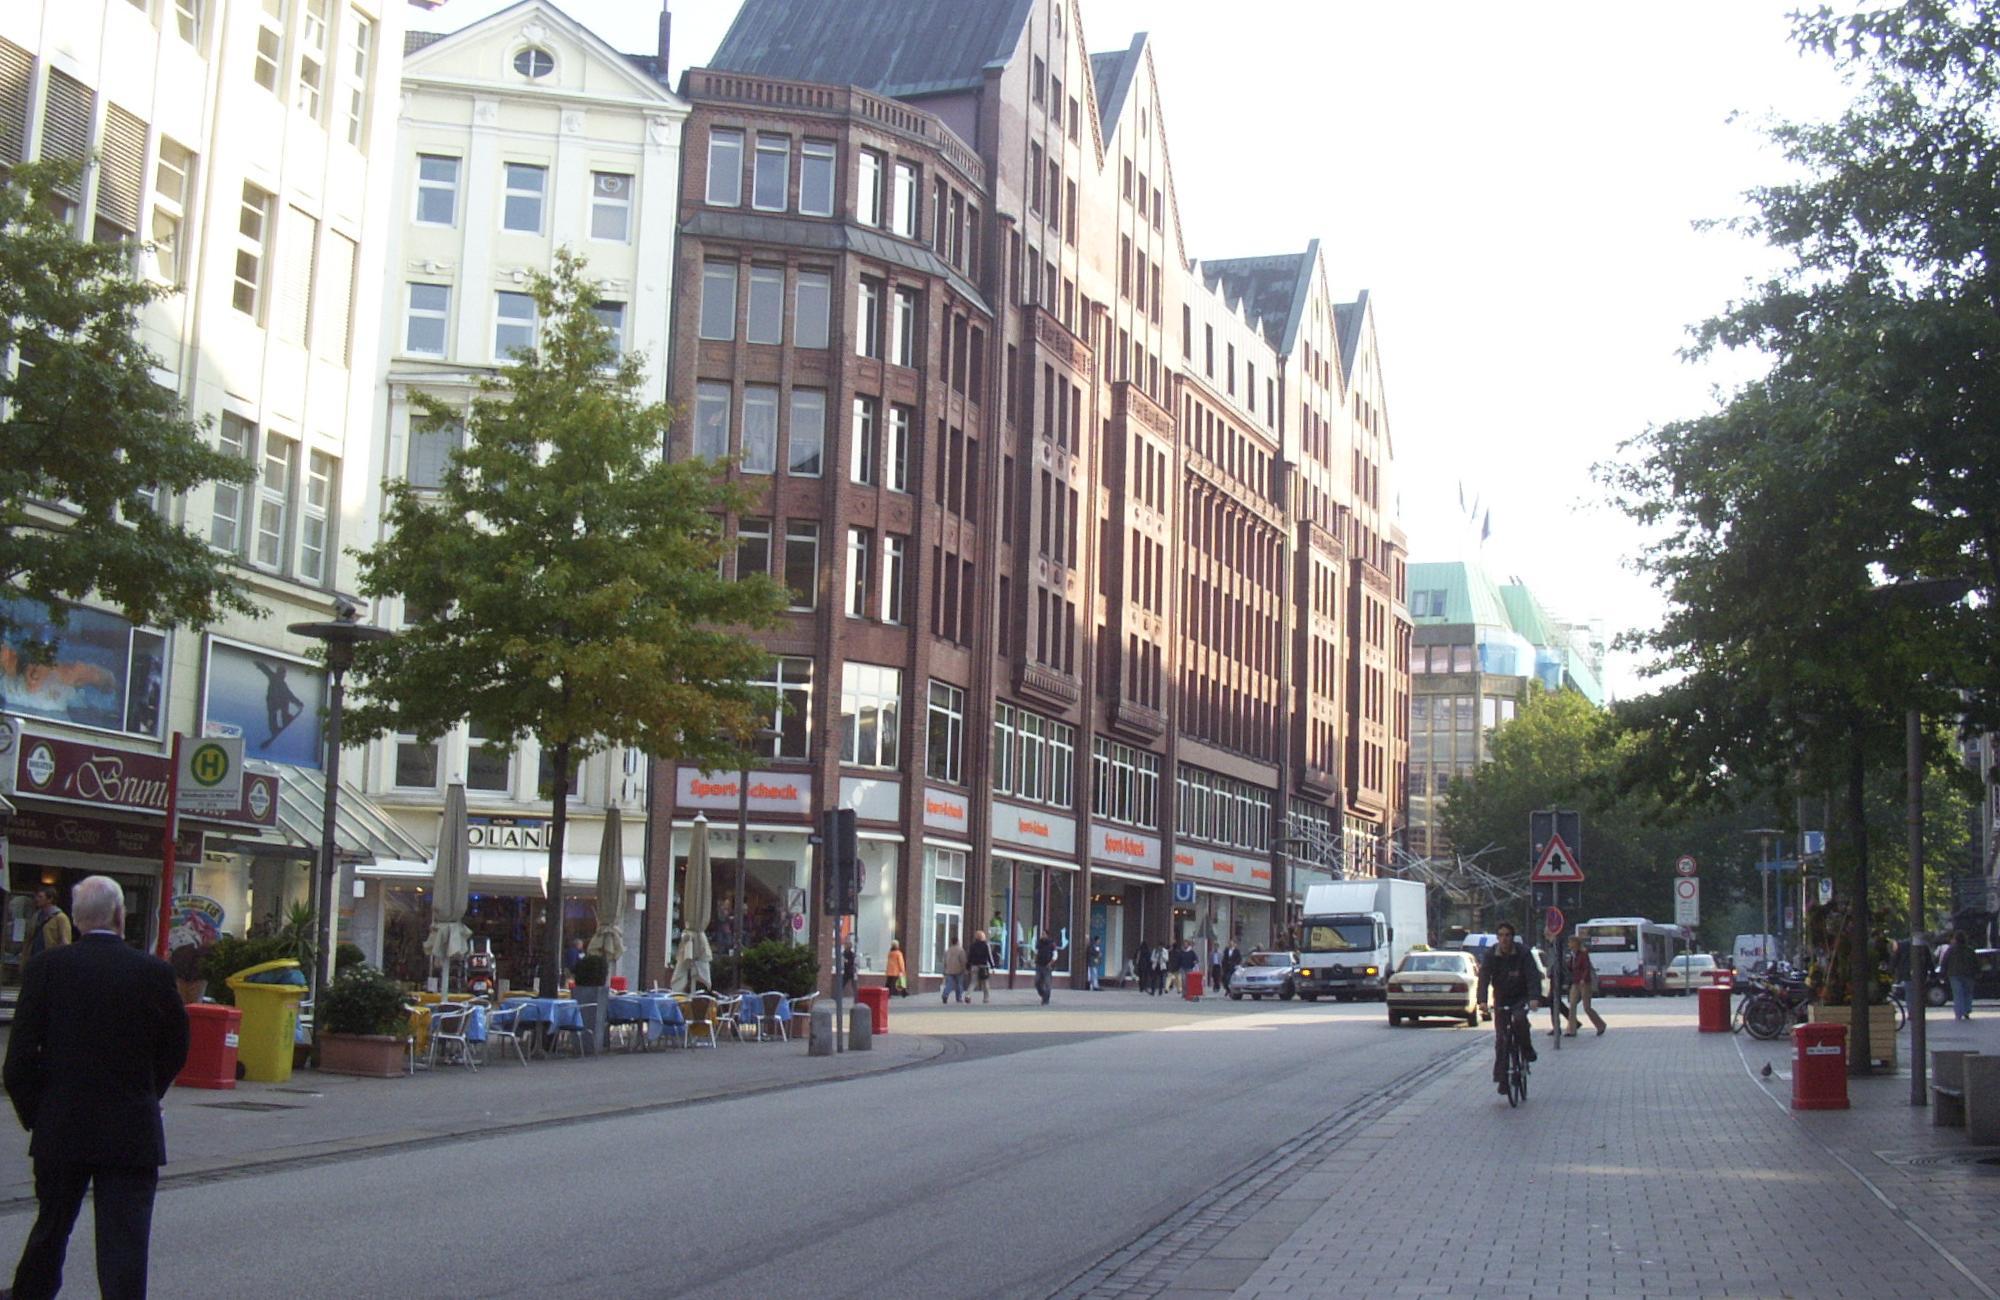 Hifi Hamburg Mönckebergstraße file hamburg mönckebergstraße kreuzung bergstraße jpg wikimedia